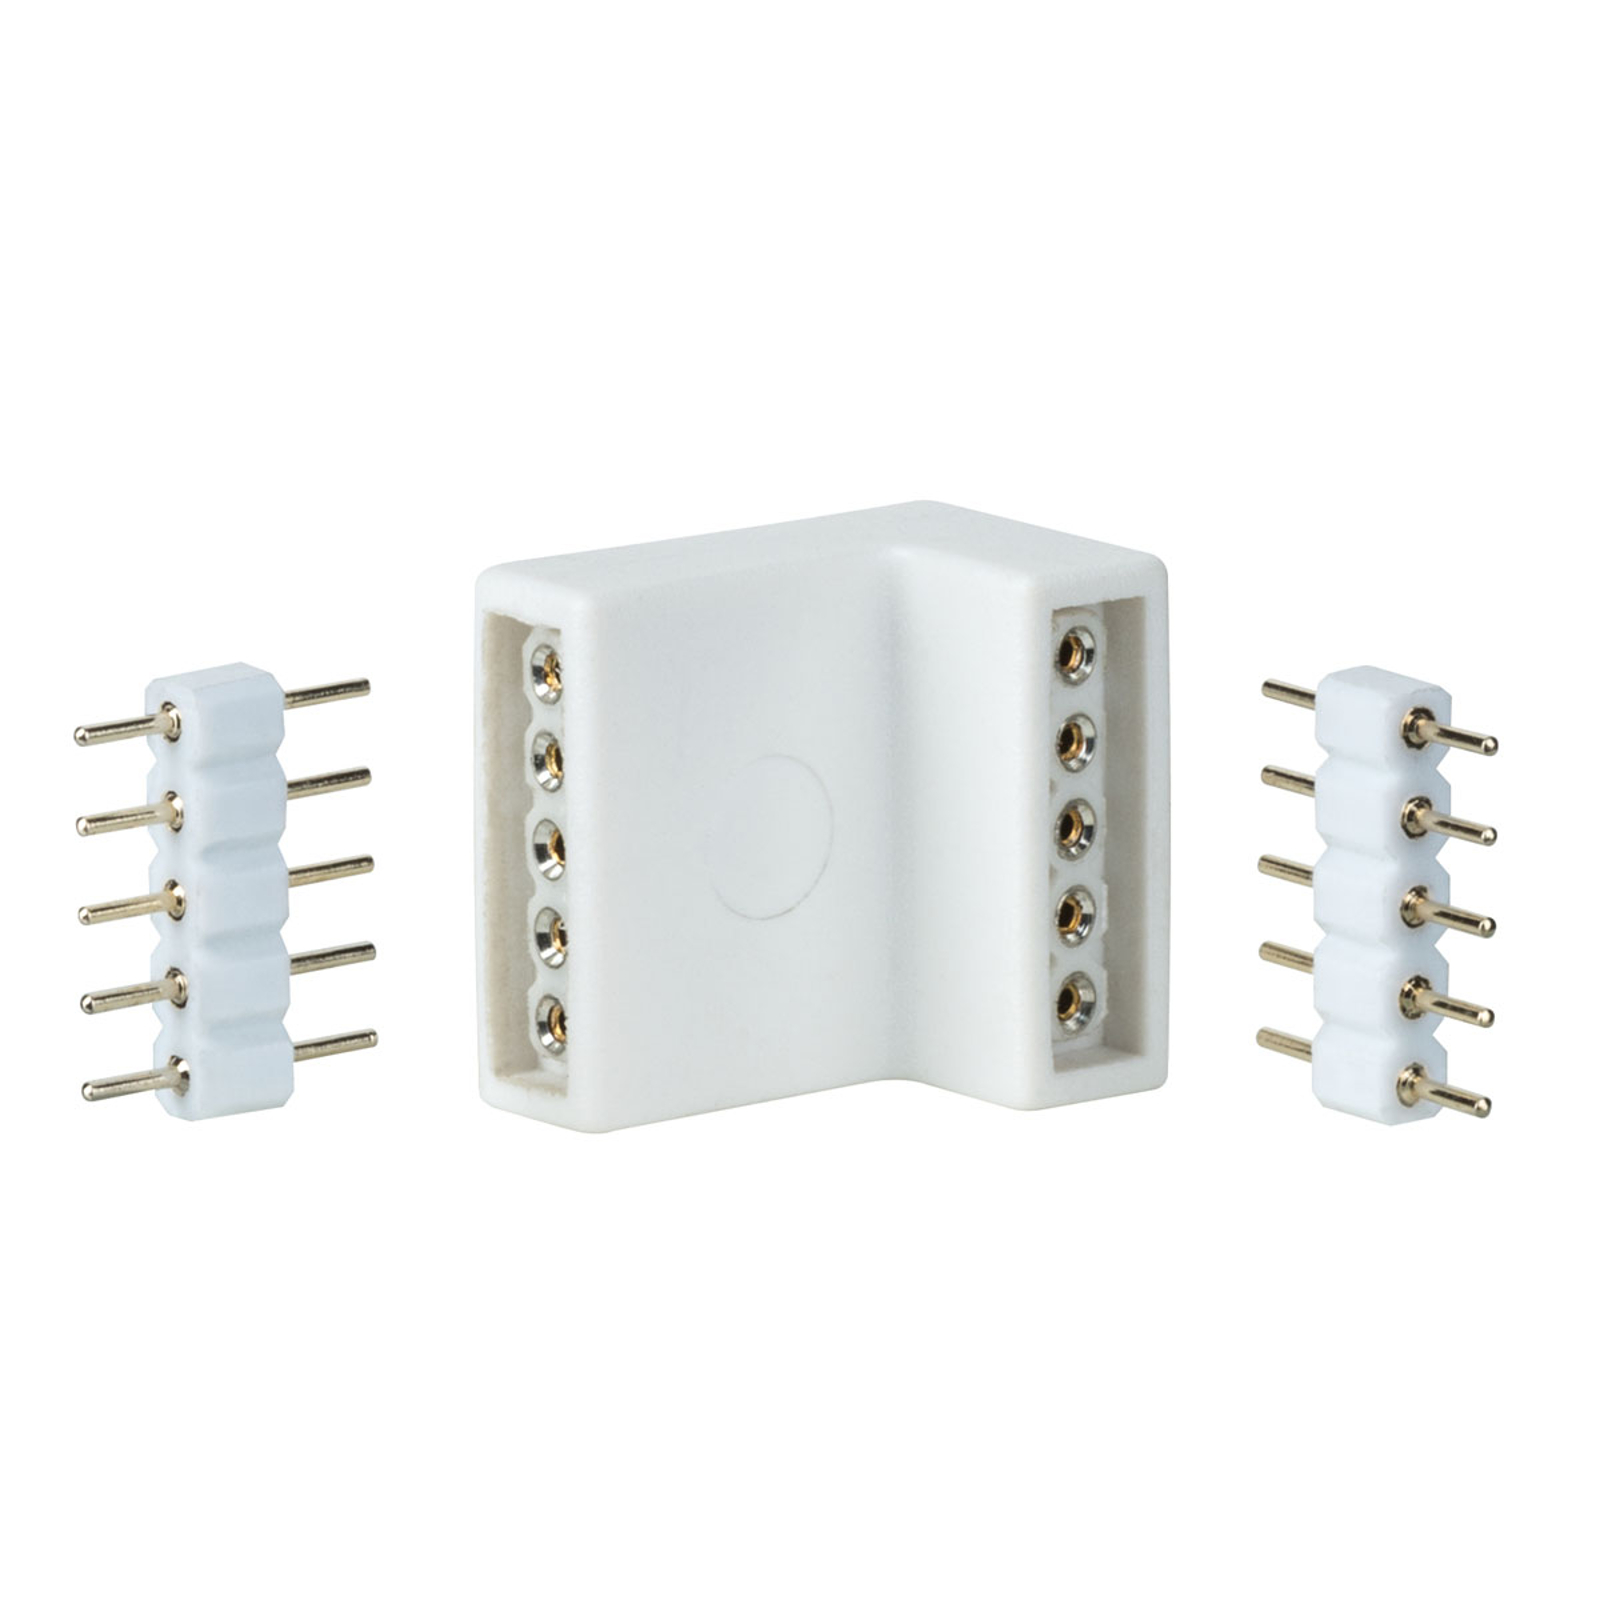 Hoek-connector voor MaxLED strip